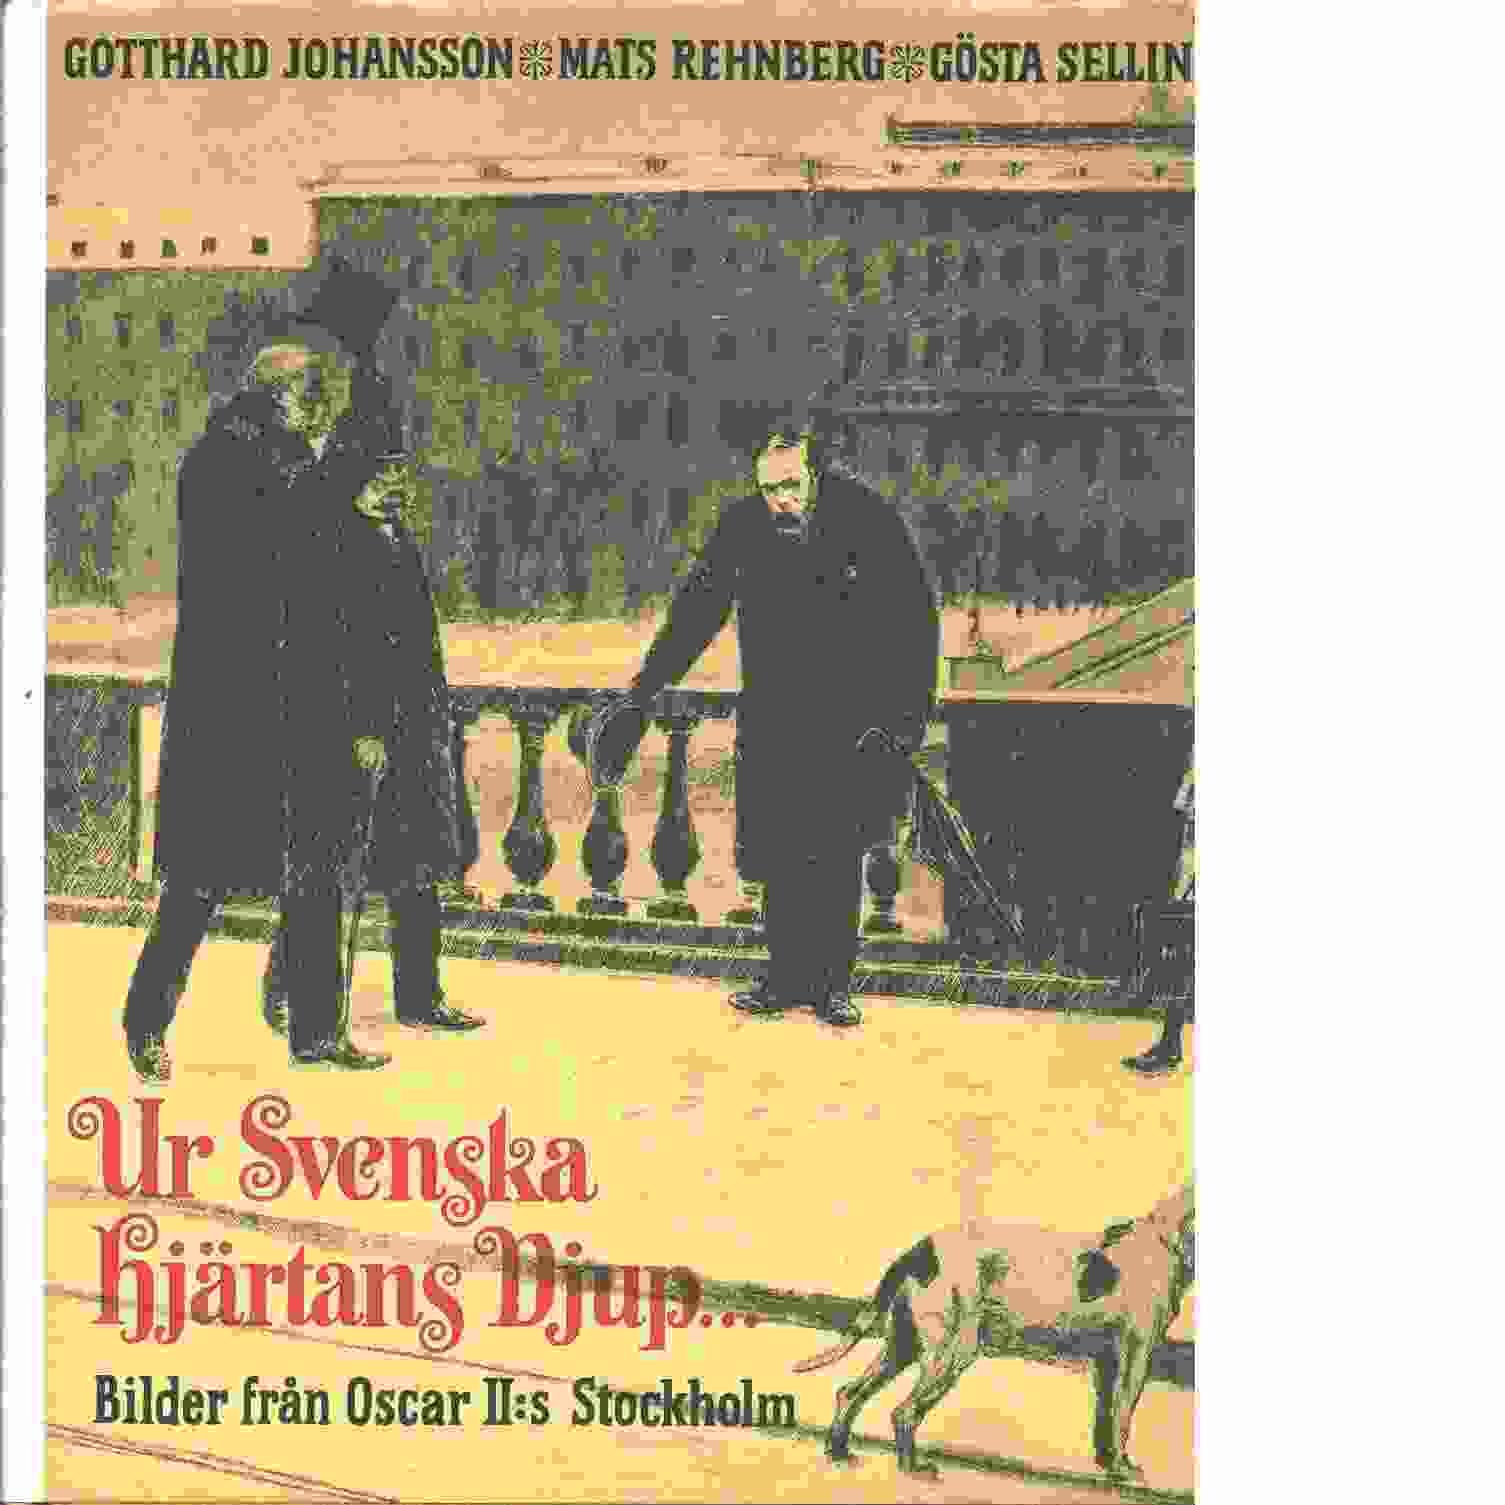 Ur svenska hjärtans djup- : bilder från Oscar II:s Stockholm - Johansson, Gotthard och Rehnberg, Mats samt Selling, Gösta